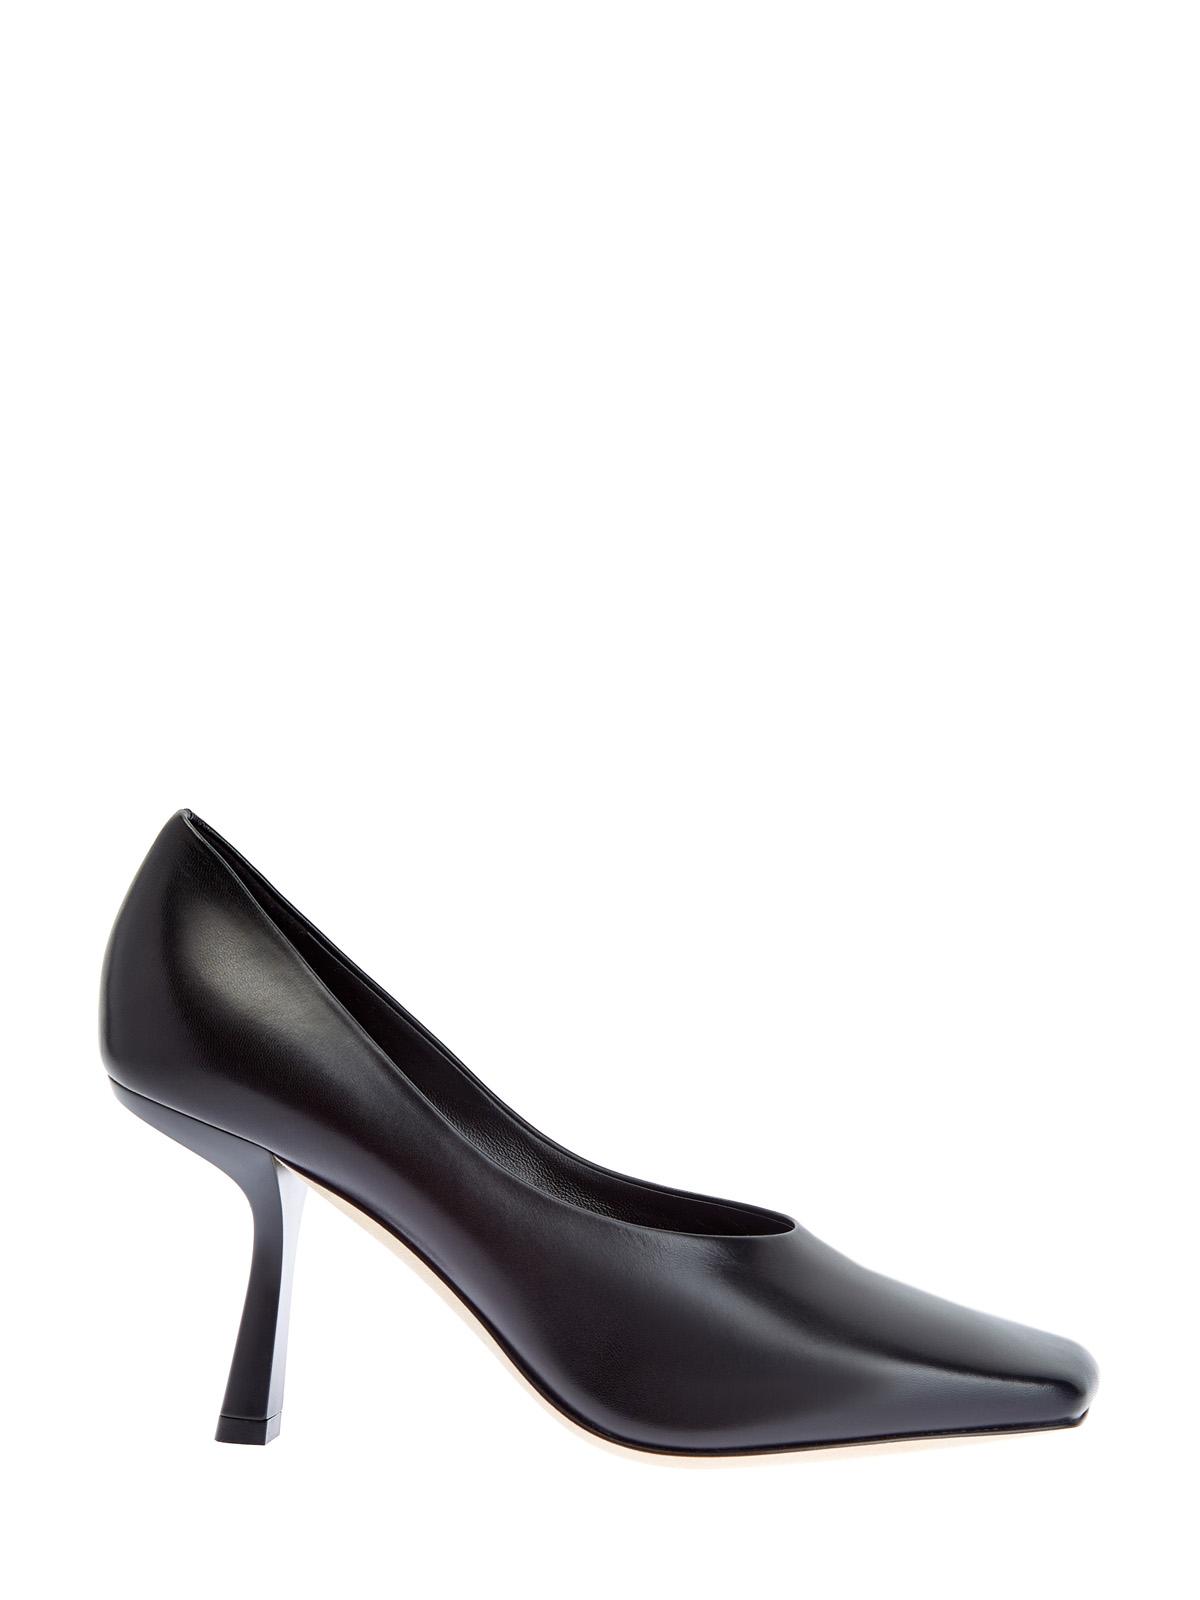 Туфли Marcela из матовой кожи наппа с архитектурным каблуком